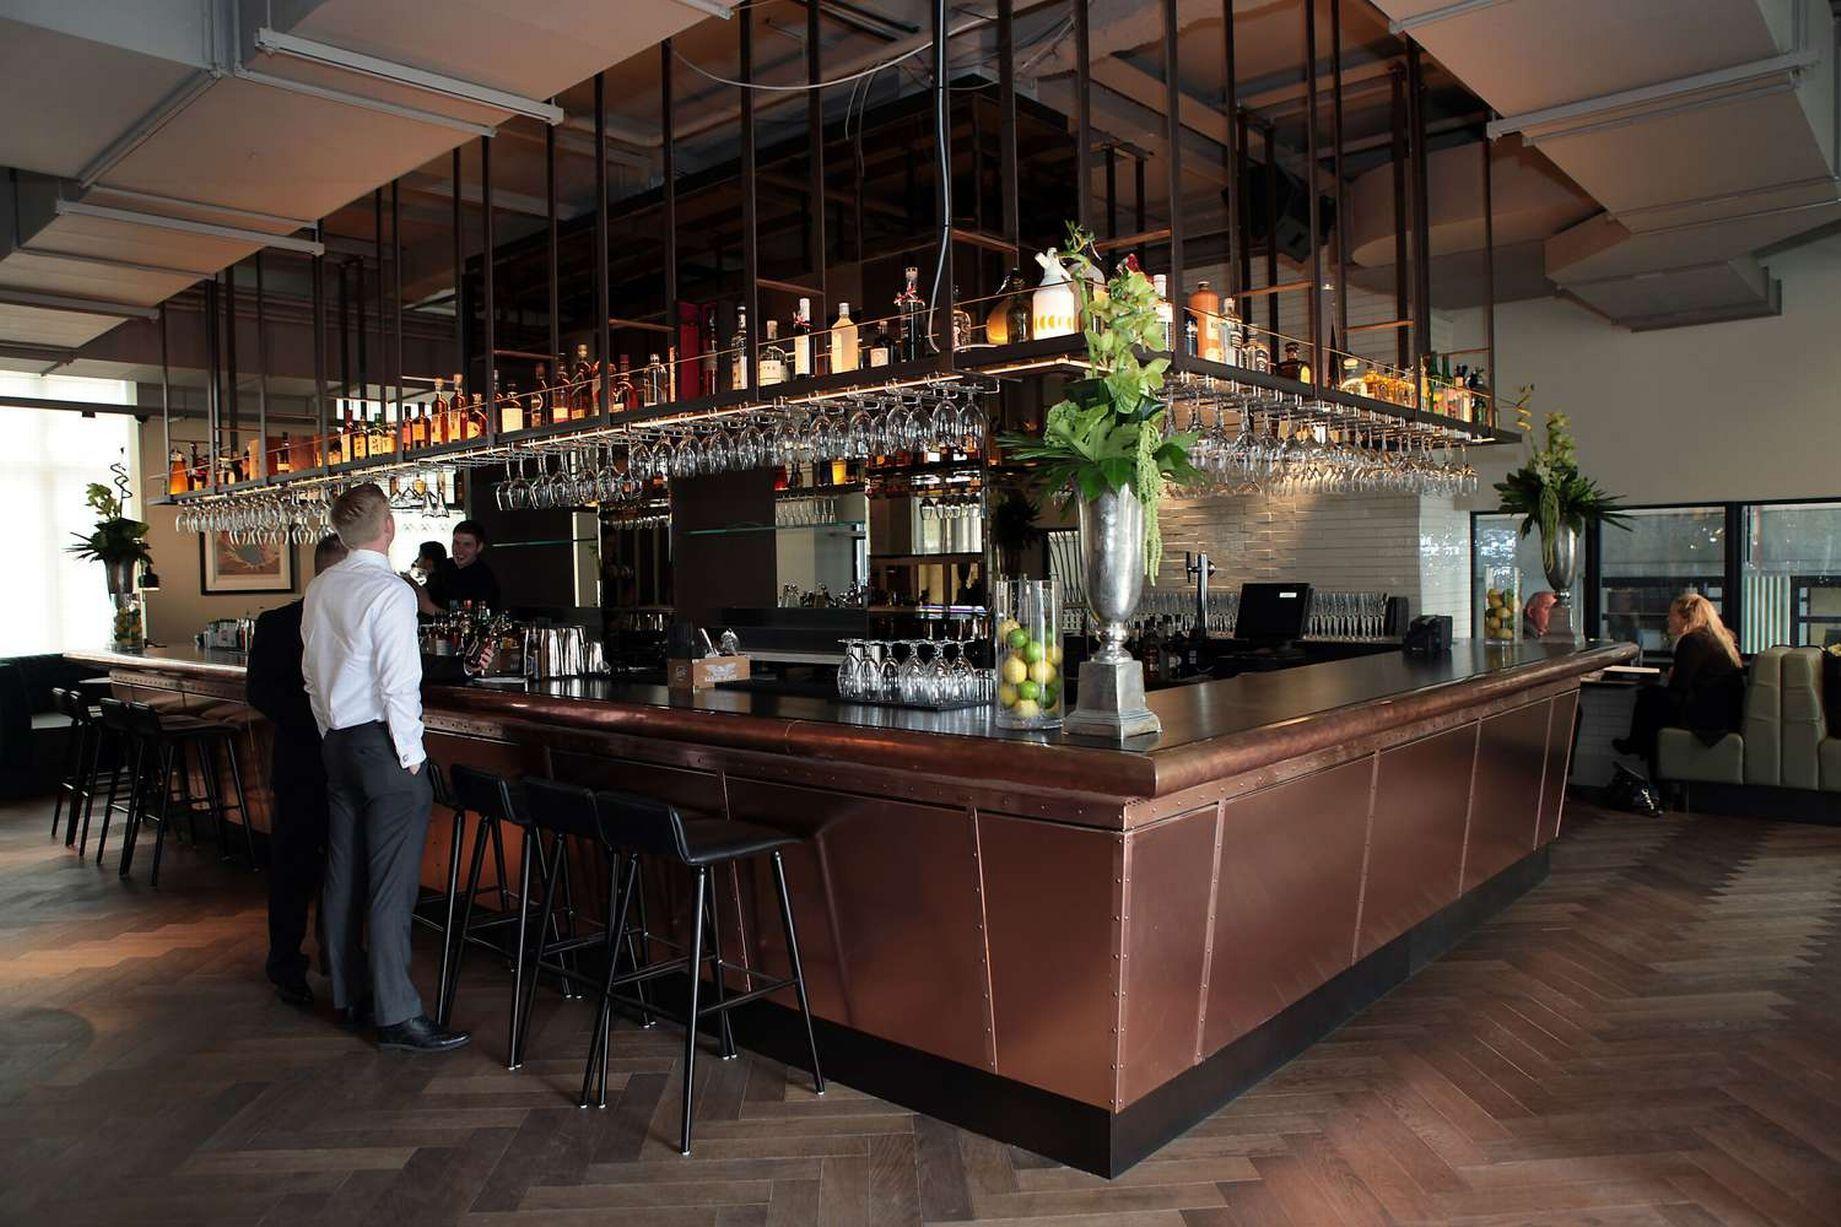 Revealed Step Inside Steven Gerrards New Liverpool Restaurant The Vincent